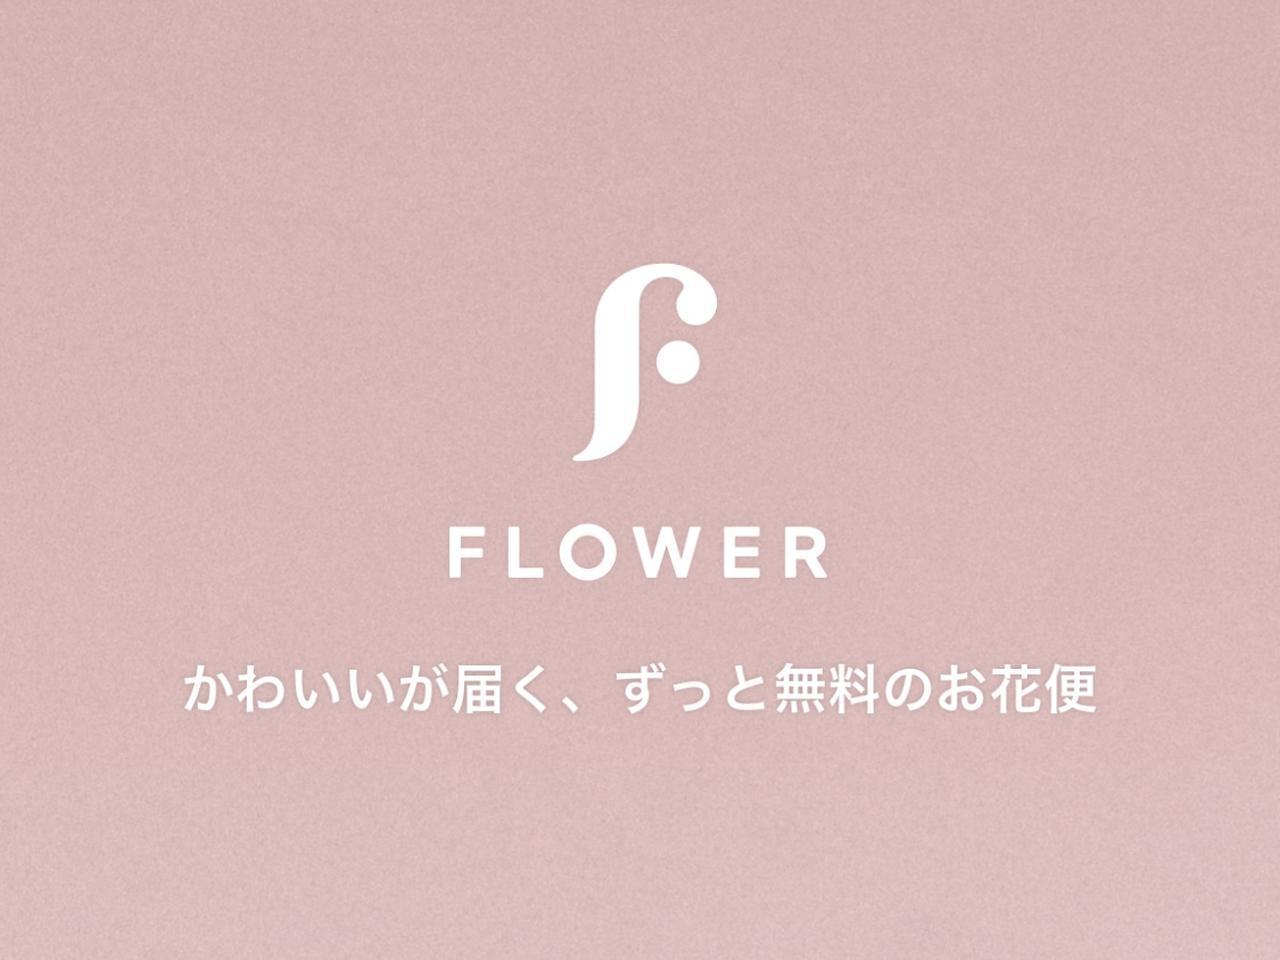 画像: 『FLOWER かわいいが届くお花便』 - Fun Fun Fun Club - デジタル・ライフスタイルマガジン